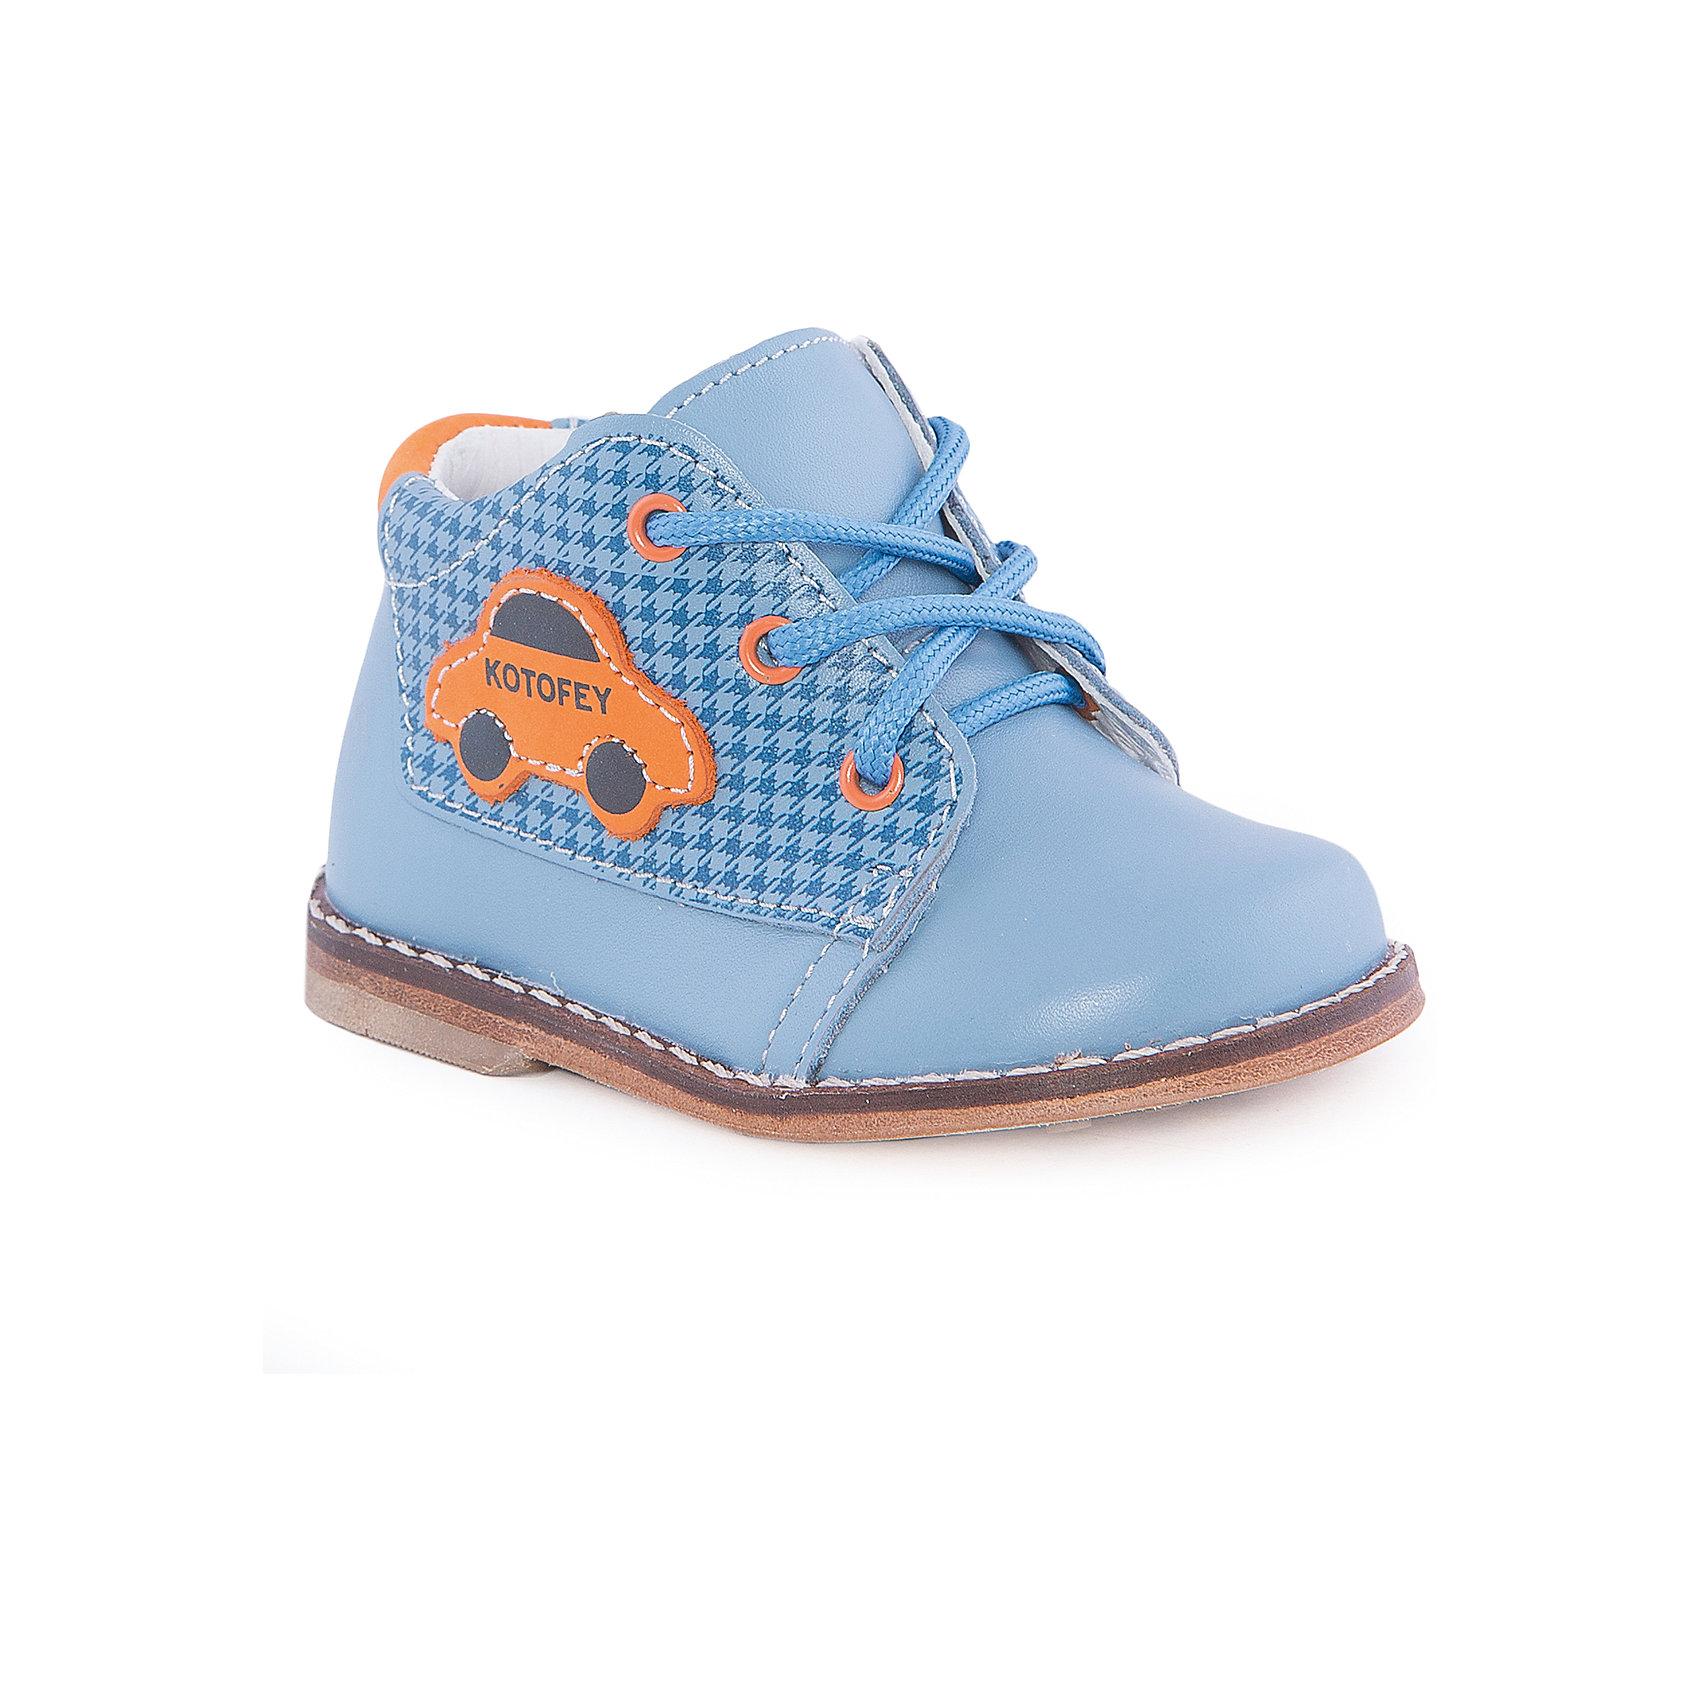 Ботинки для мальчика КотофейБотинки для мальчика от известного российского бренда Котофей <br><br>Модные и удобные ботинки изготовлены из натуральной кожи, выполнены в красивом голубом цвете. <br>Верх сделан из материала, обеспечивающего воздухопроницаемость и вентиляцию ноги. Специальная подошва позволяет избегать скольжения практически на любой поверхности.<br><br>Особенности модели:<br><br>- цвет: голубой;<br>- устойчивая подошва;<br>- декорированы оранжевыми элементами;<br>- застежка: шнуровка;<br>- вид крепления обуви: клеевой;<br>- анатомическая стелька;<br>- качественные материалы;<br>- модный дизайн.<br><br><br>Дополнительная информация:<br><br>Температурный режим: от +5° до +20°С.<br><br>Состав: <br><br>верх - натуральная кожа;<br>подкладка - натуральная кожа;<br>подошва - натуральная кожа.<br><br>Ботинки для мальчика Котофей можно купить в нашем магазине.<br><br>Ширина мм: 262<br>Глубина мм: 176<br>Высота мм: 97<br>Вес г: 427<br>Цвет: голубой<br>Возраст от месяцев: 12<br>Возраст до месяцев: 15<br>Пол: Мужской<br>Возраст: Детский<br>Размер: 21,19,20,22<br>SKU: 4565594